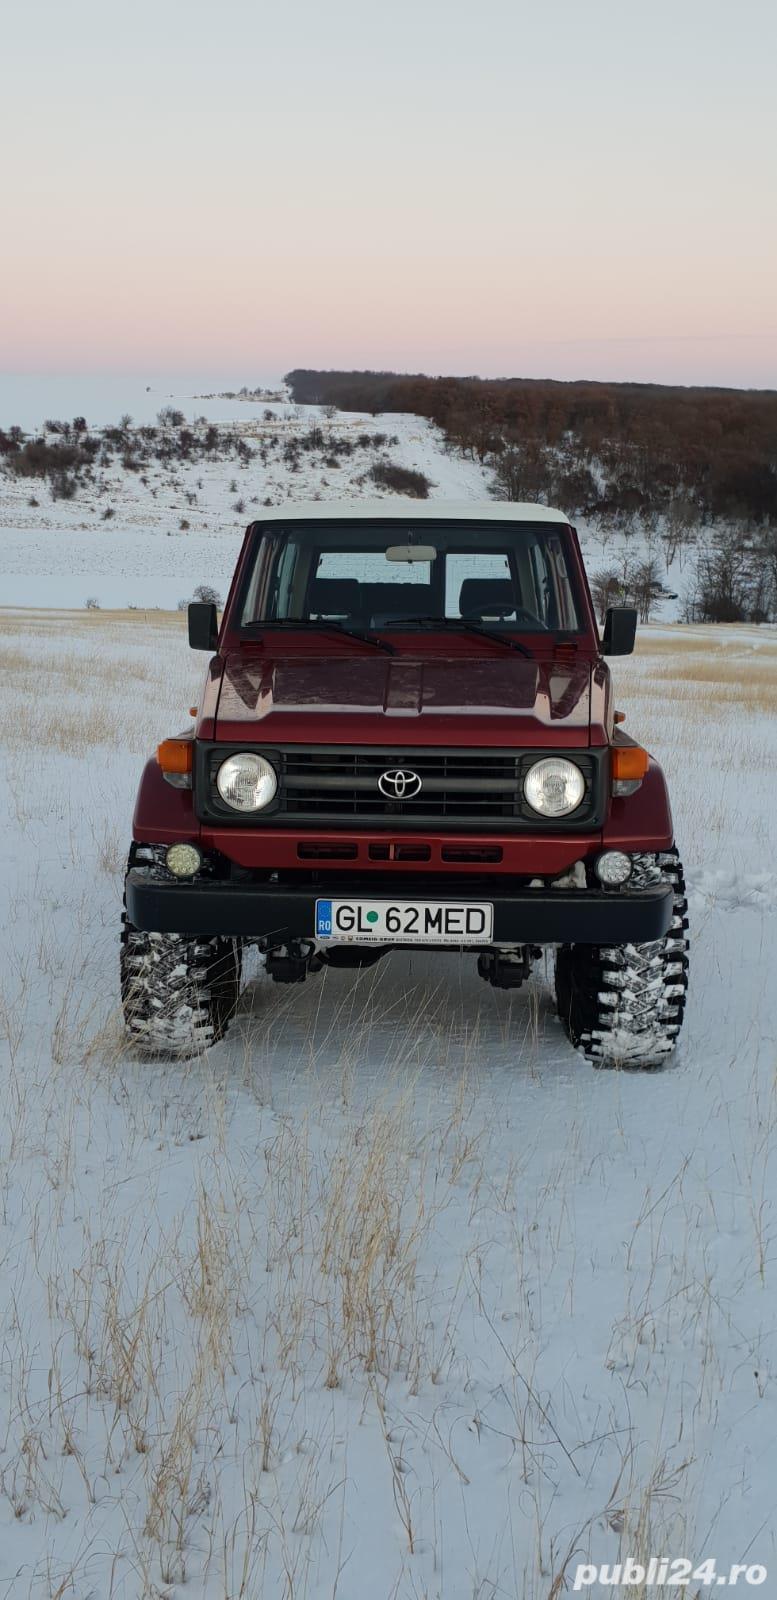 Toyota land-cruiser Autoutilitara